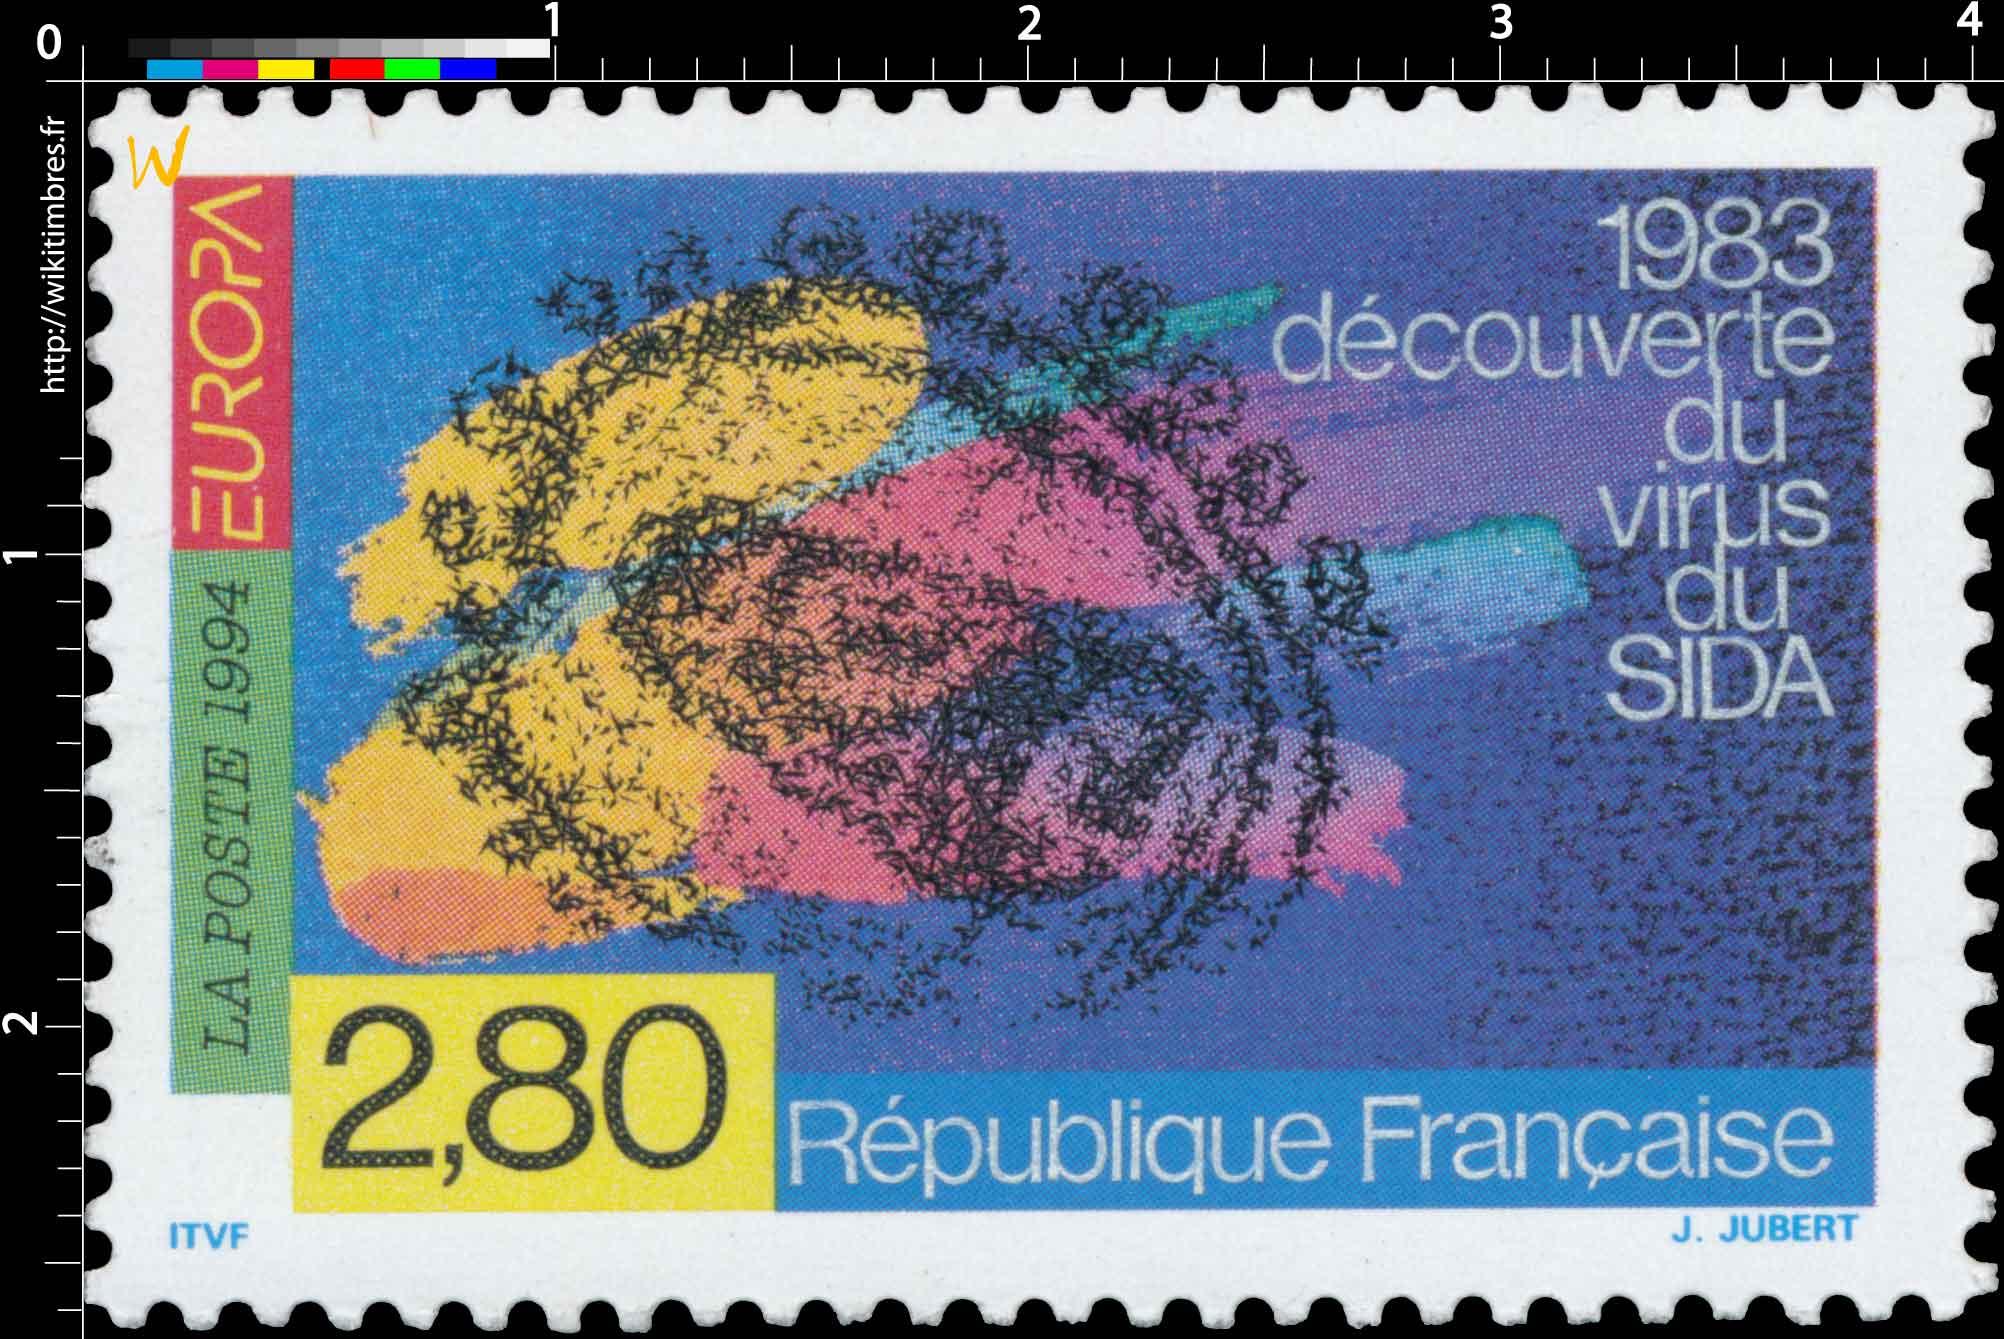 1994 EUROPA 1983 Découverte du virus du SIDA